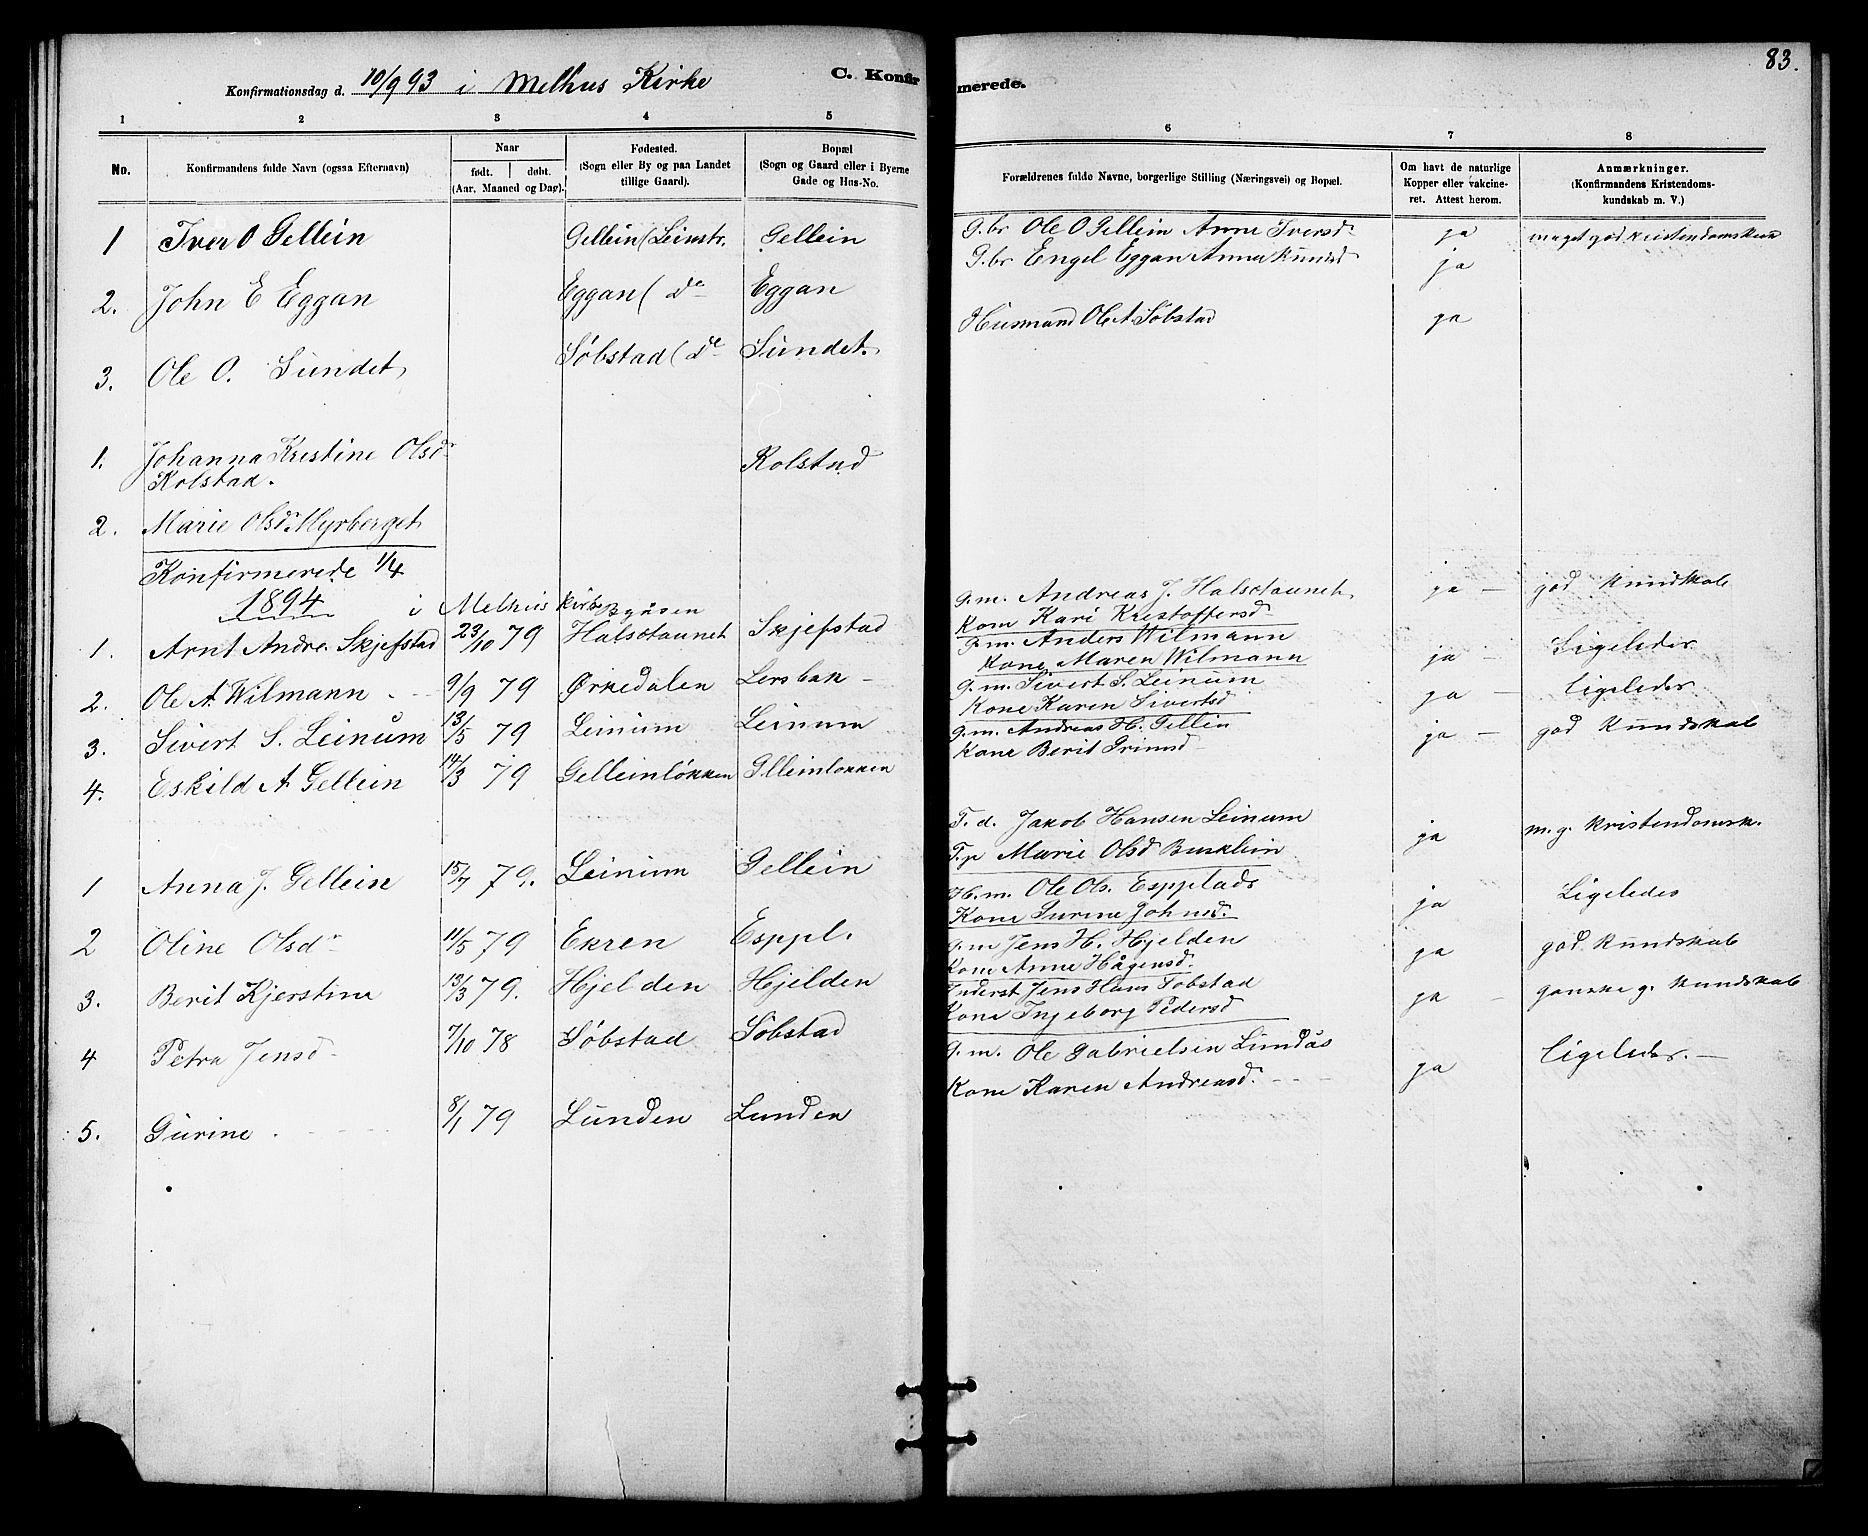 SAT, Ministerialprotokoller, klokkerbøker og fødselsregistre - Sør-Trøndelag, 613/L0395: Klokkerbok nr. 613C03, 1887-1909, s. 83